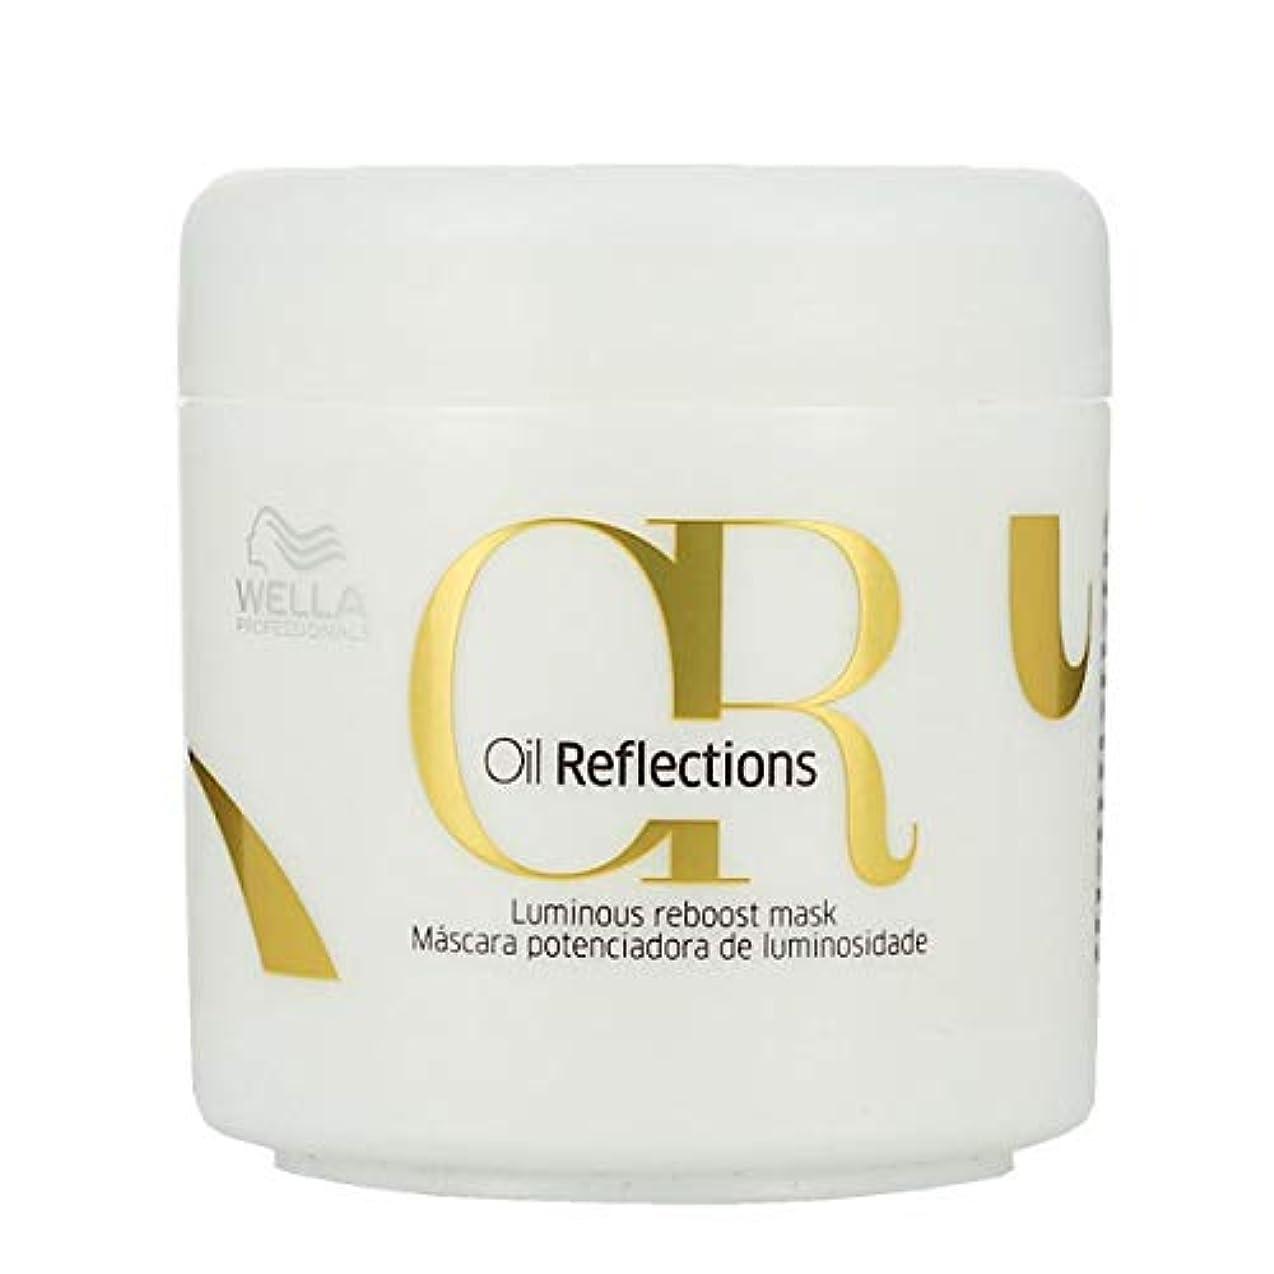 スタック着飾るイーウェルWella Professionals Oil Reflections Luminous Reboost Mask ウエラ オイルリフレクション マスク 150 ml [並行輸入品]